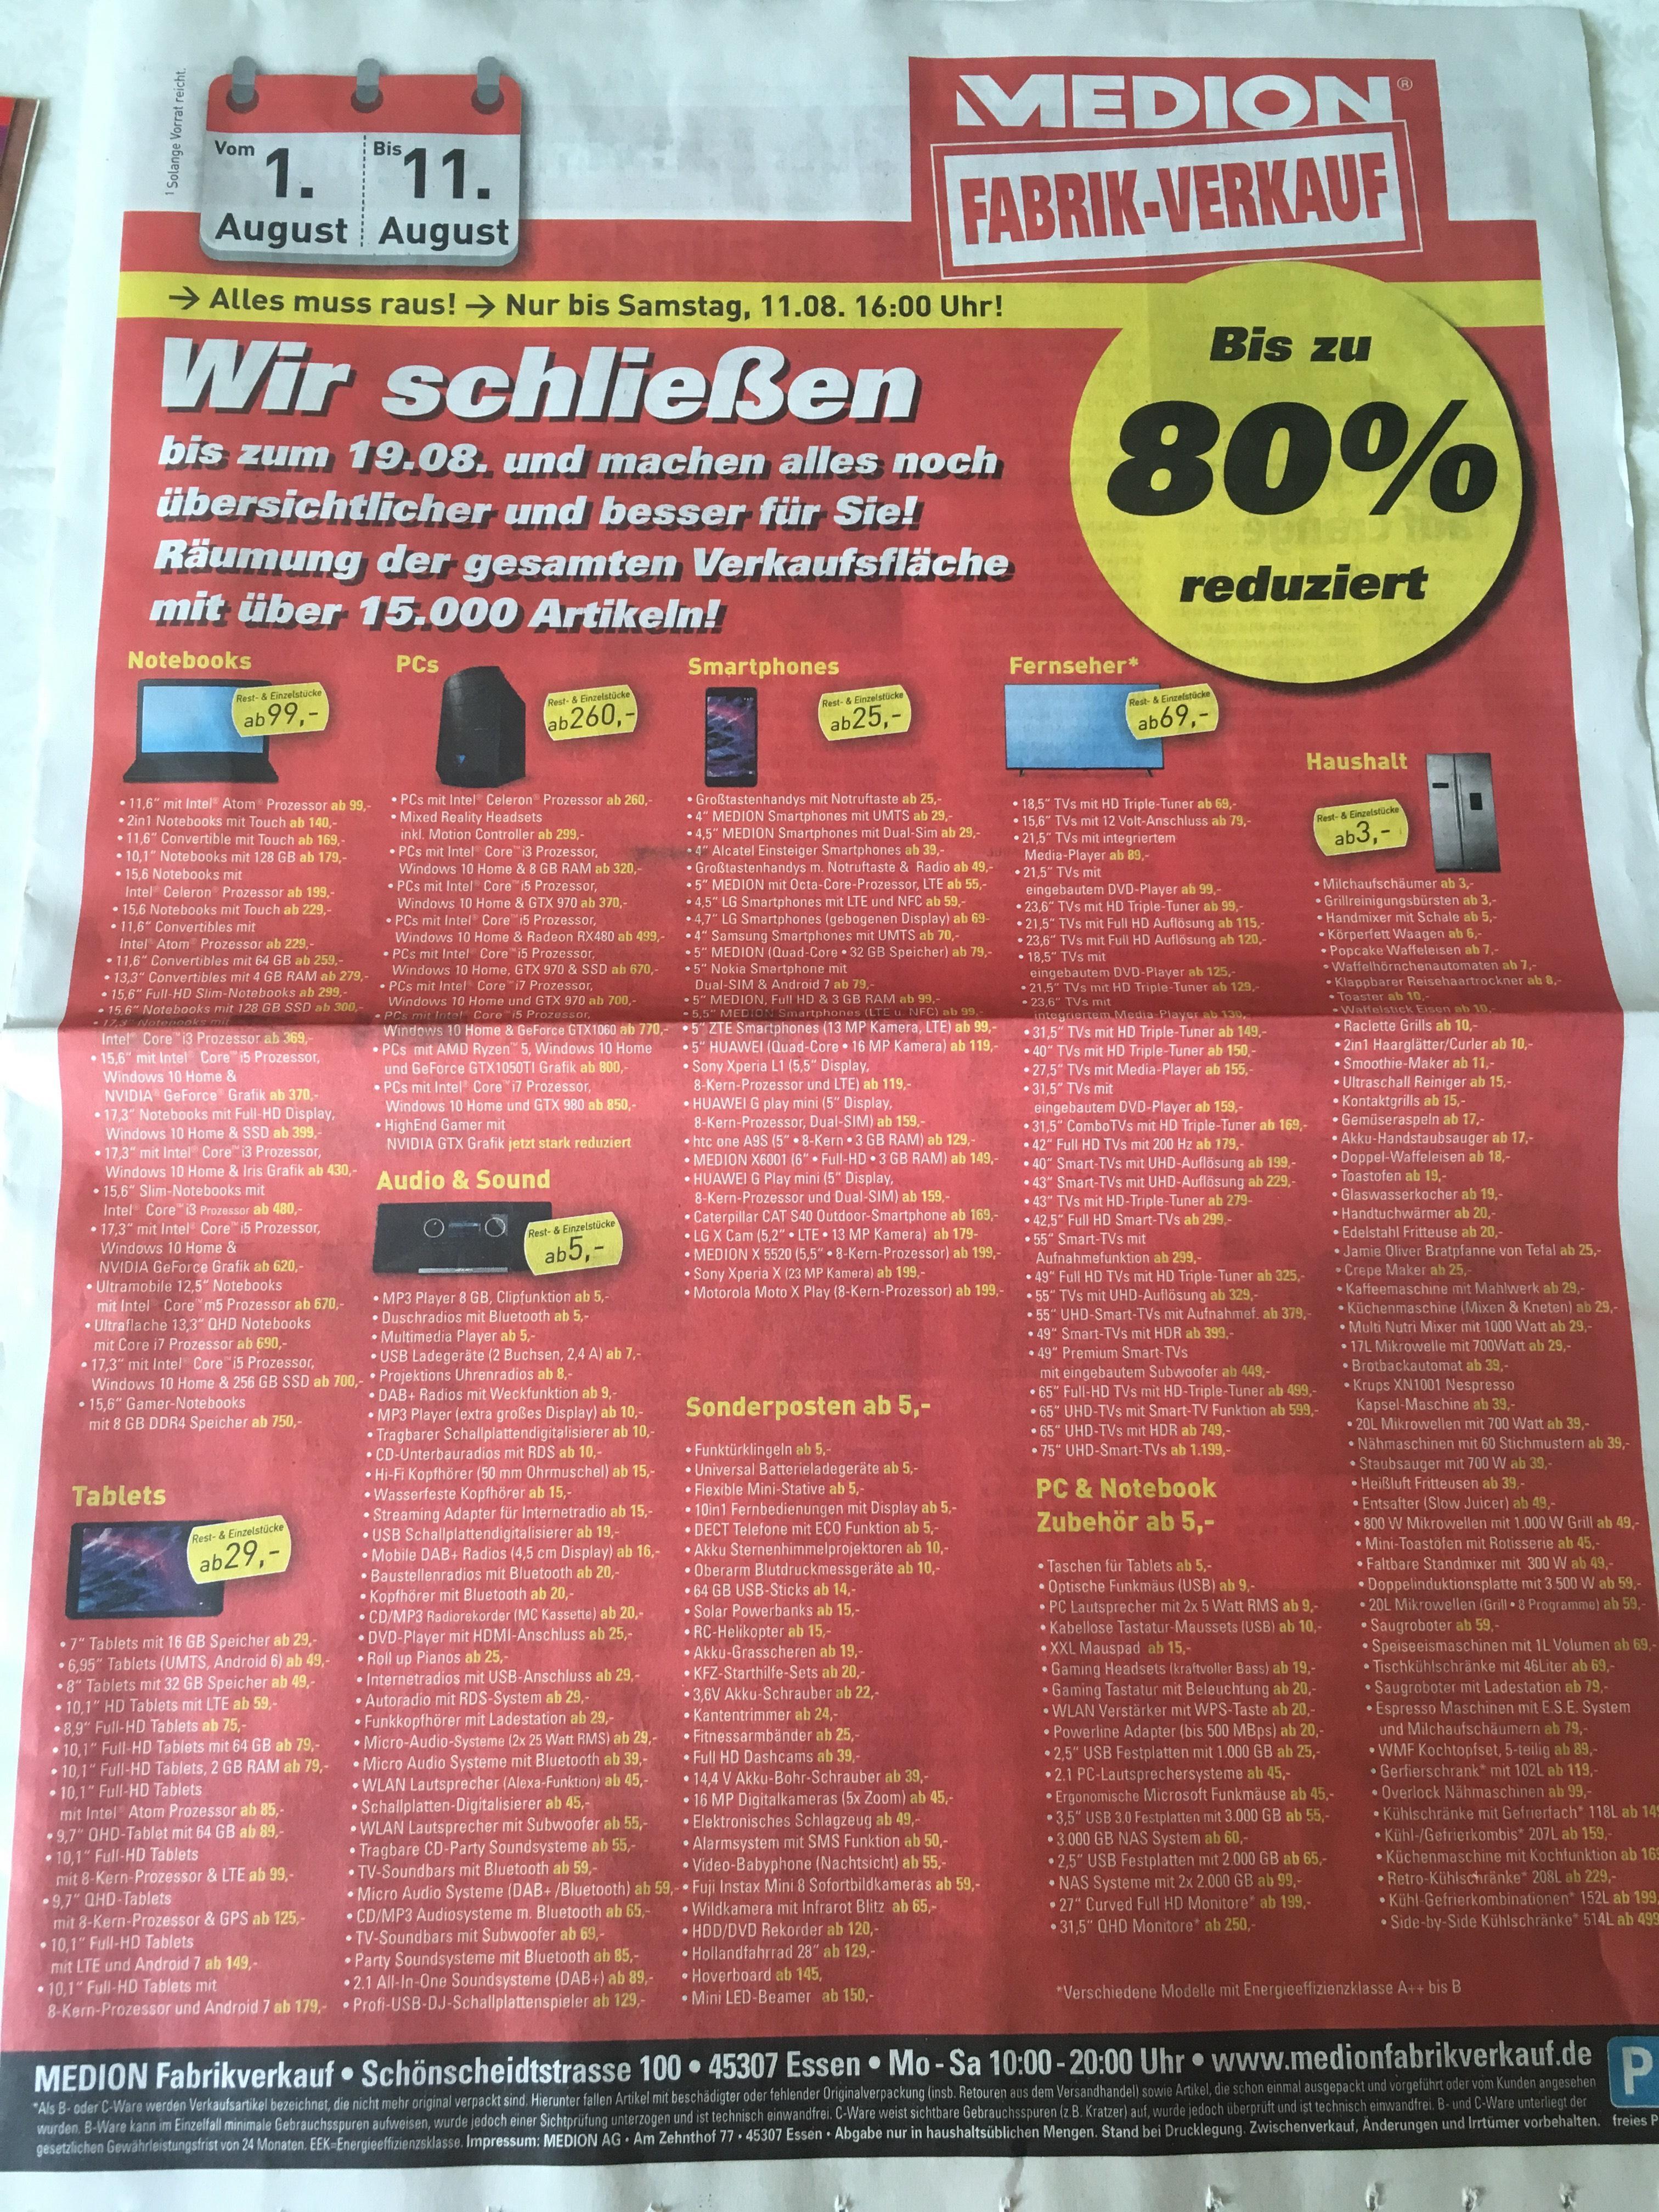 Medion Fabrikverkauf in Essen (Lokal) 80% möglich